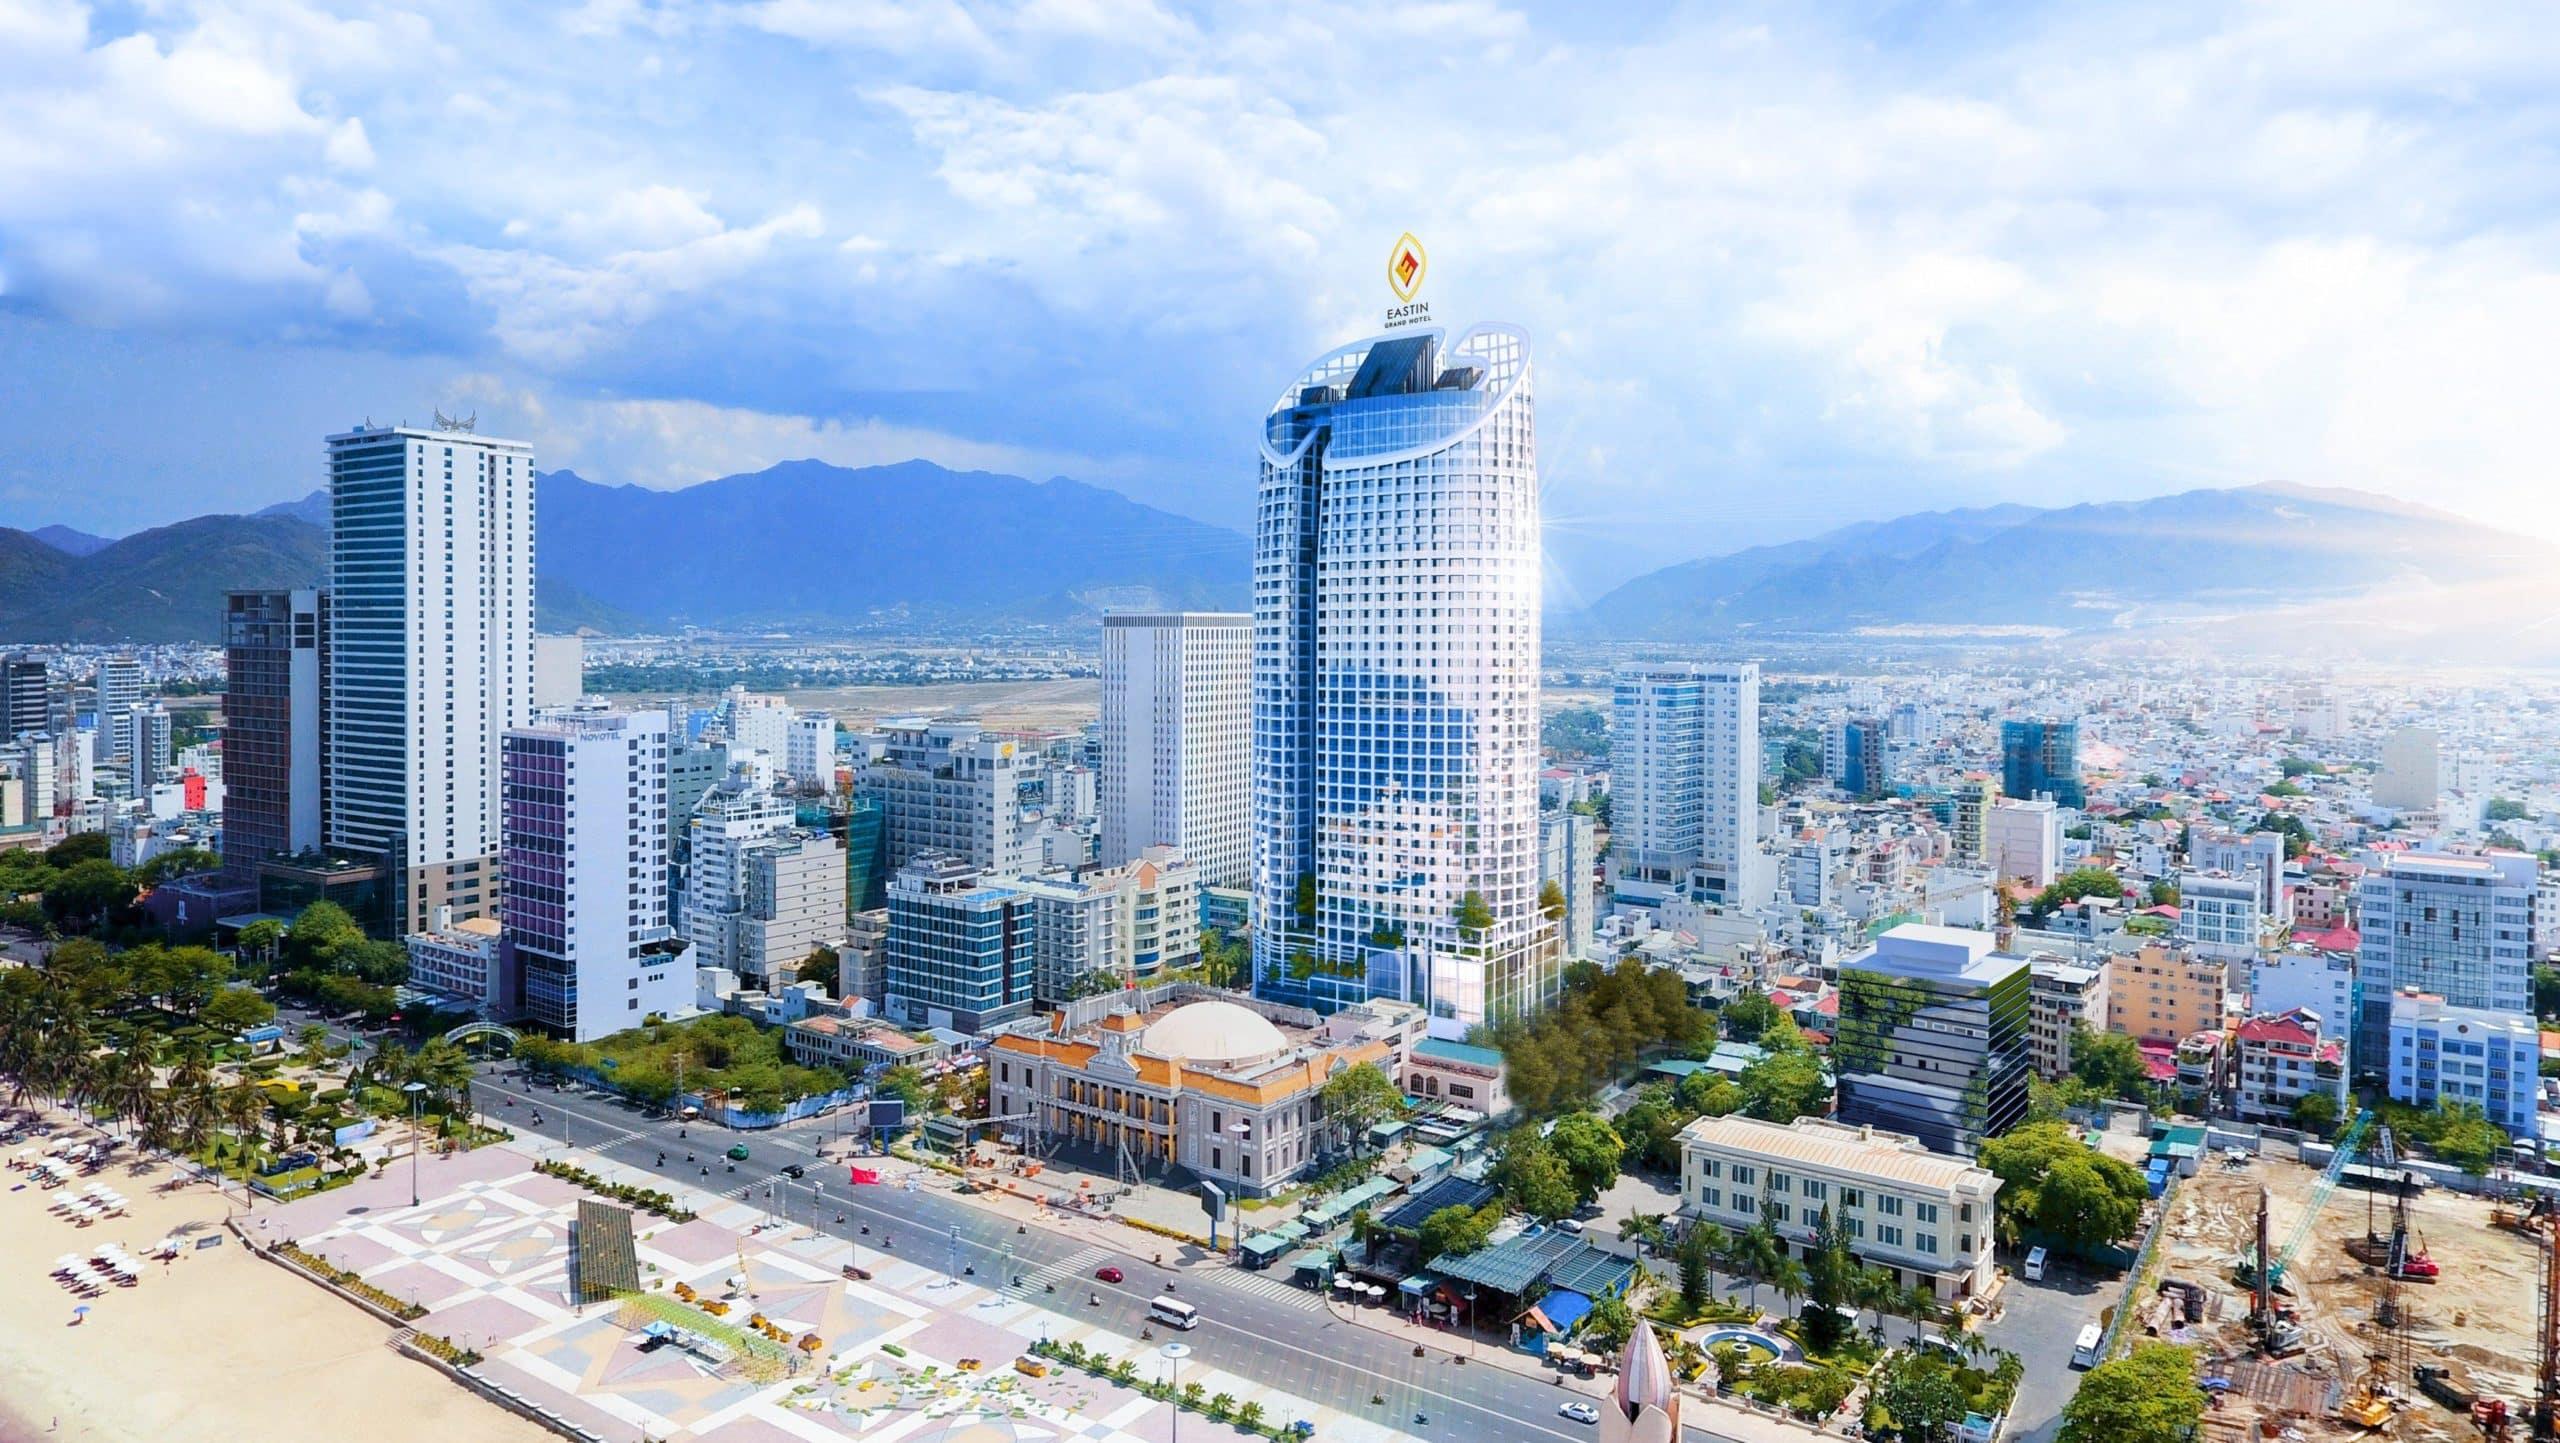 Địa điểm nghỉ dưỡng Việt Nam - Nha Trang